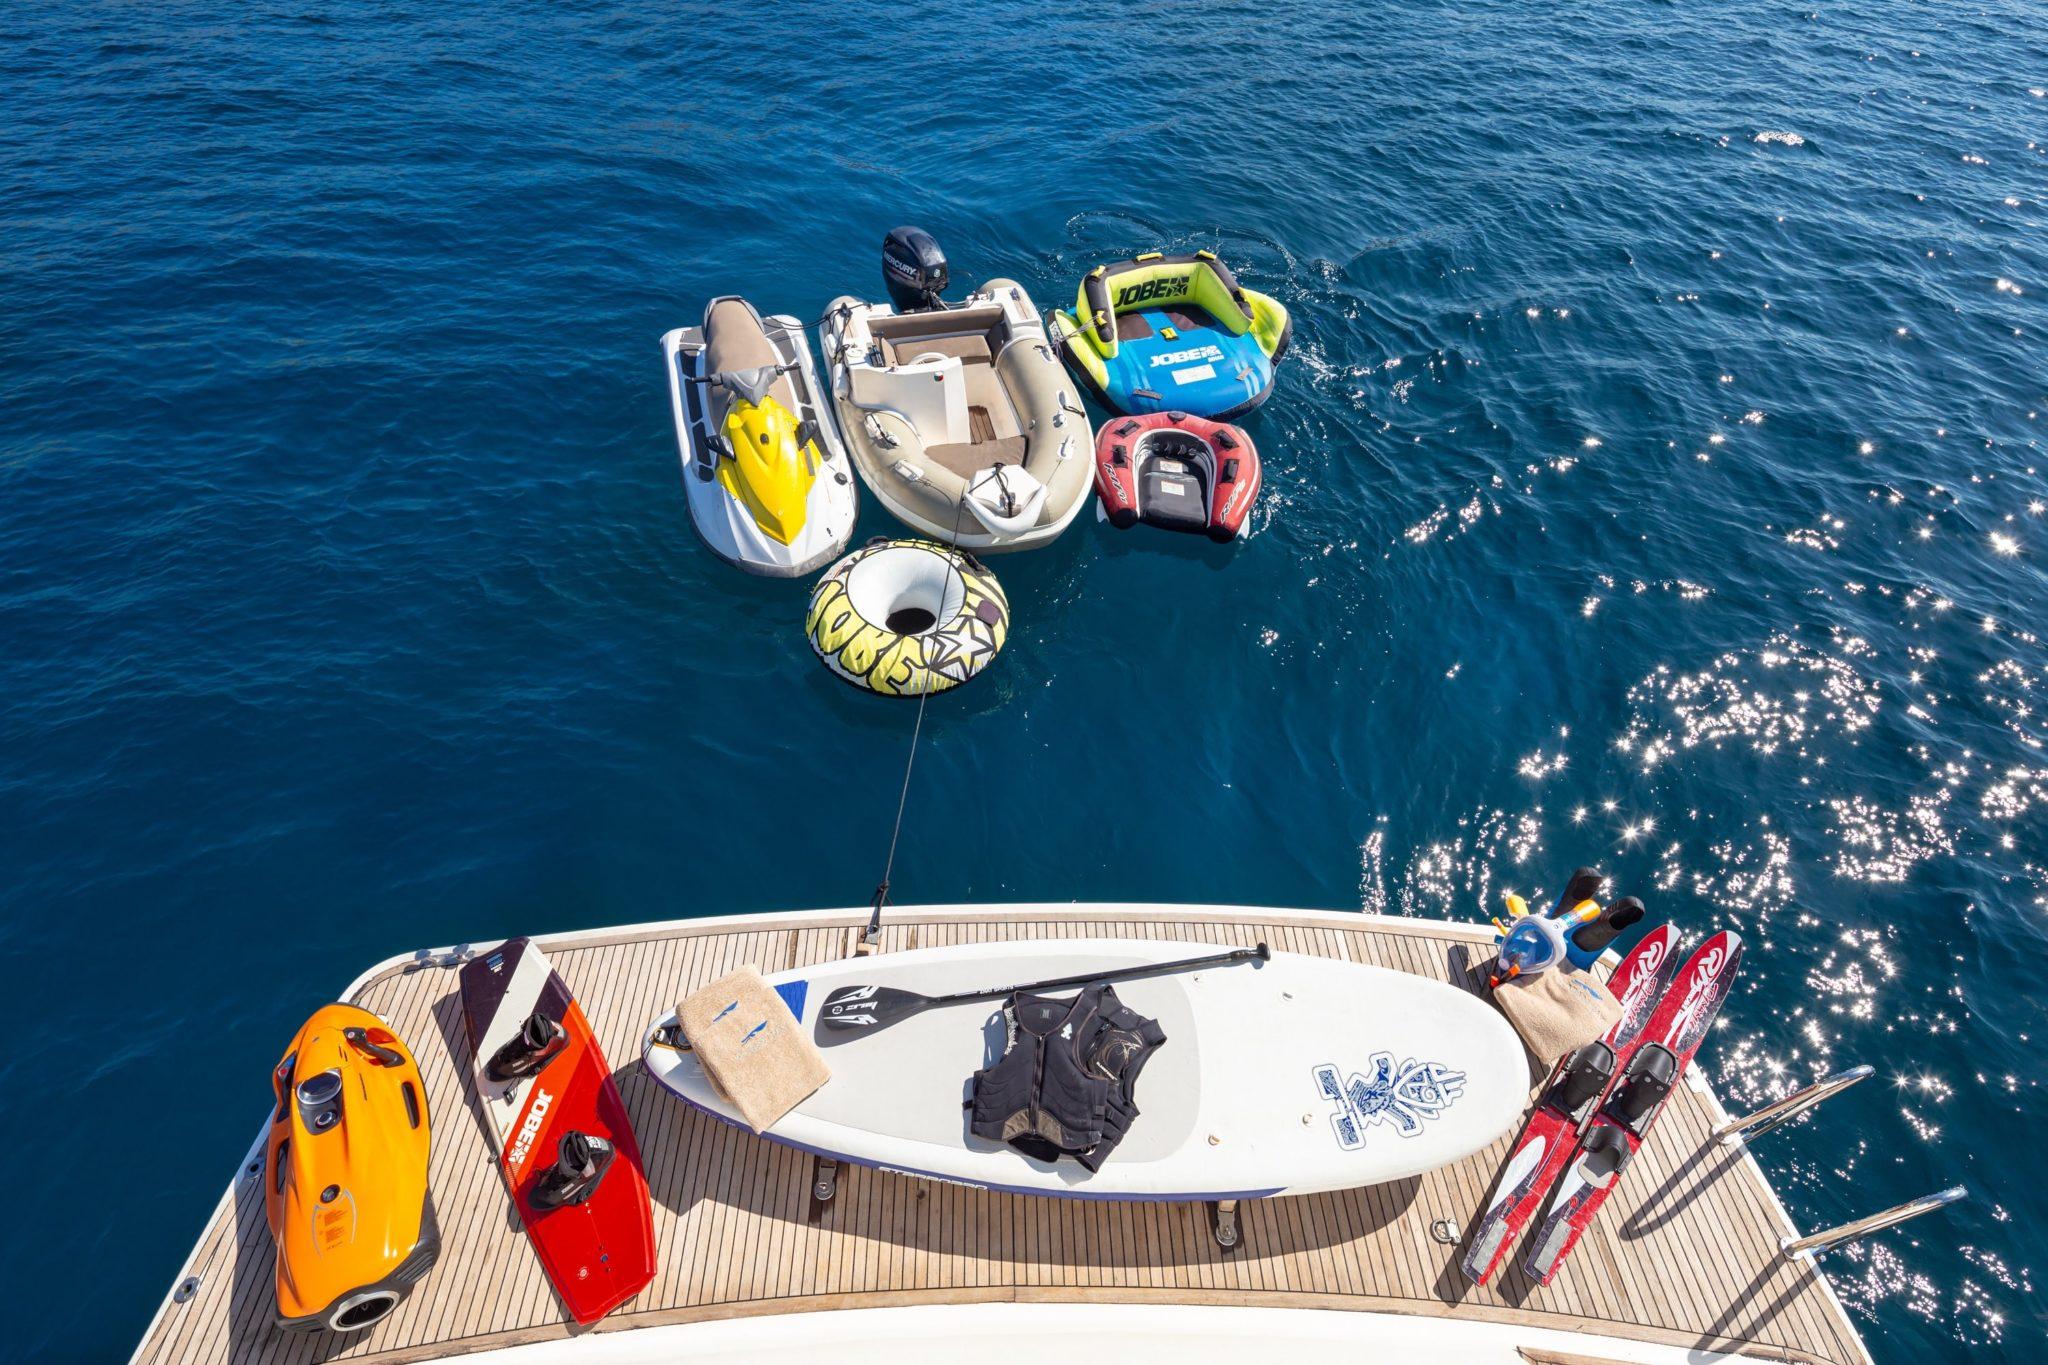 amoraki motor yacht swim platform toys -  Valef Yachts Chartering - 0720